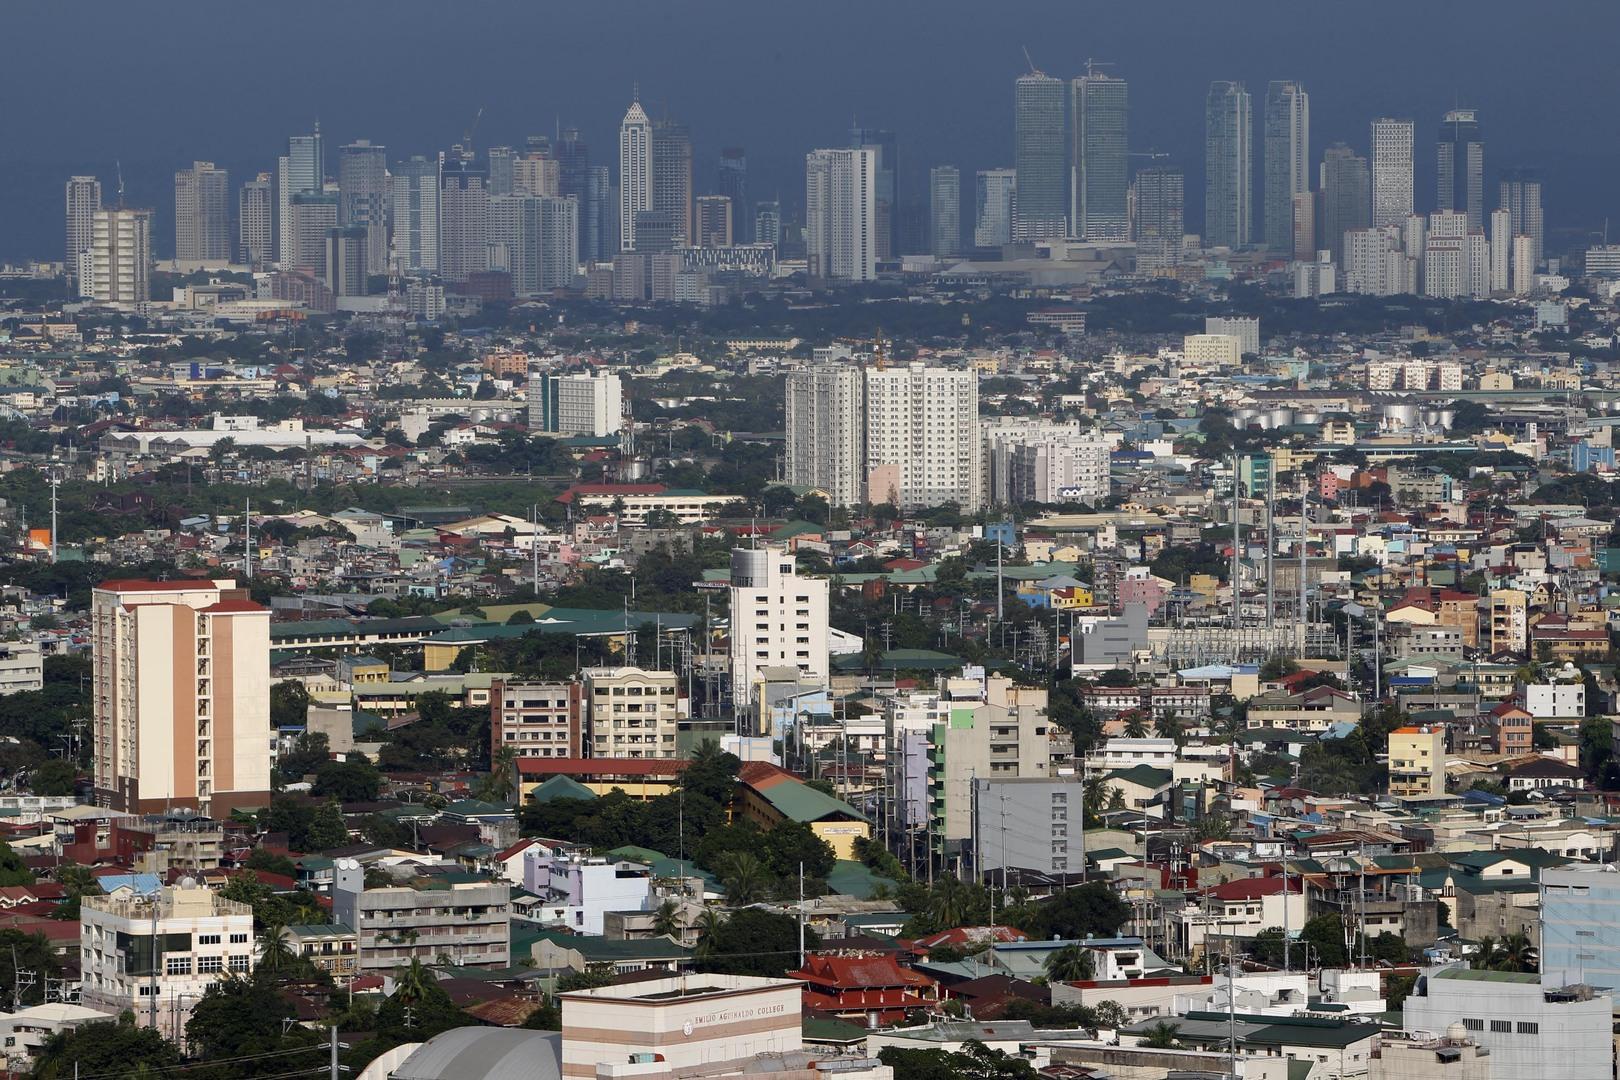 العاصمة الفلبينية مانيلا